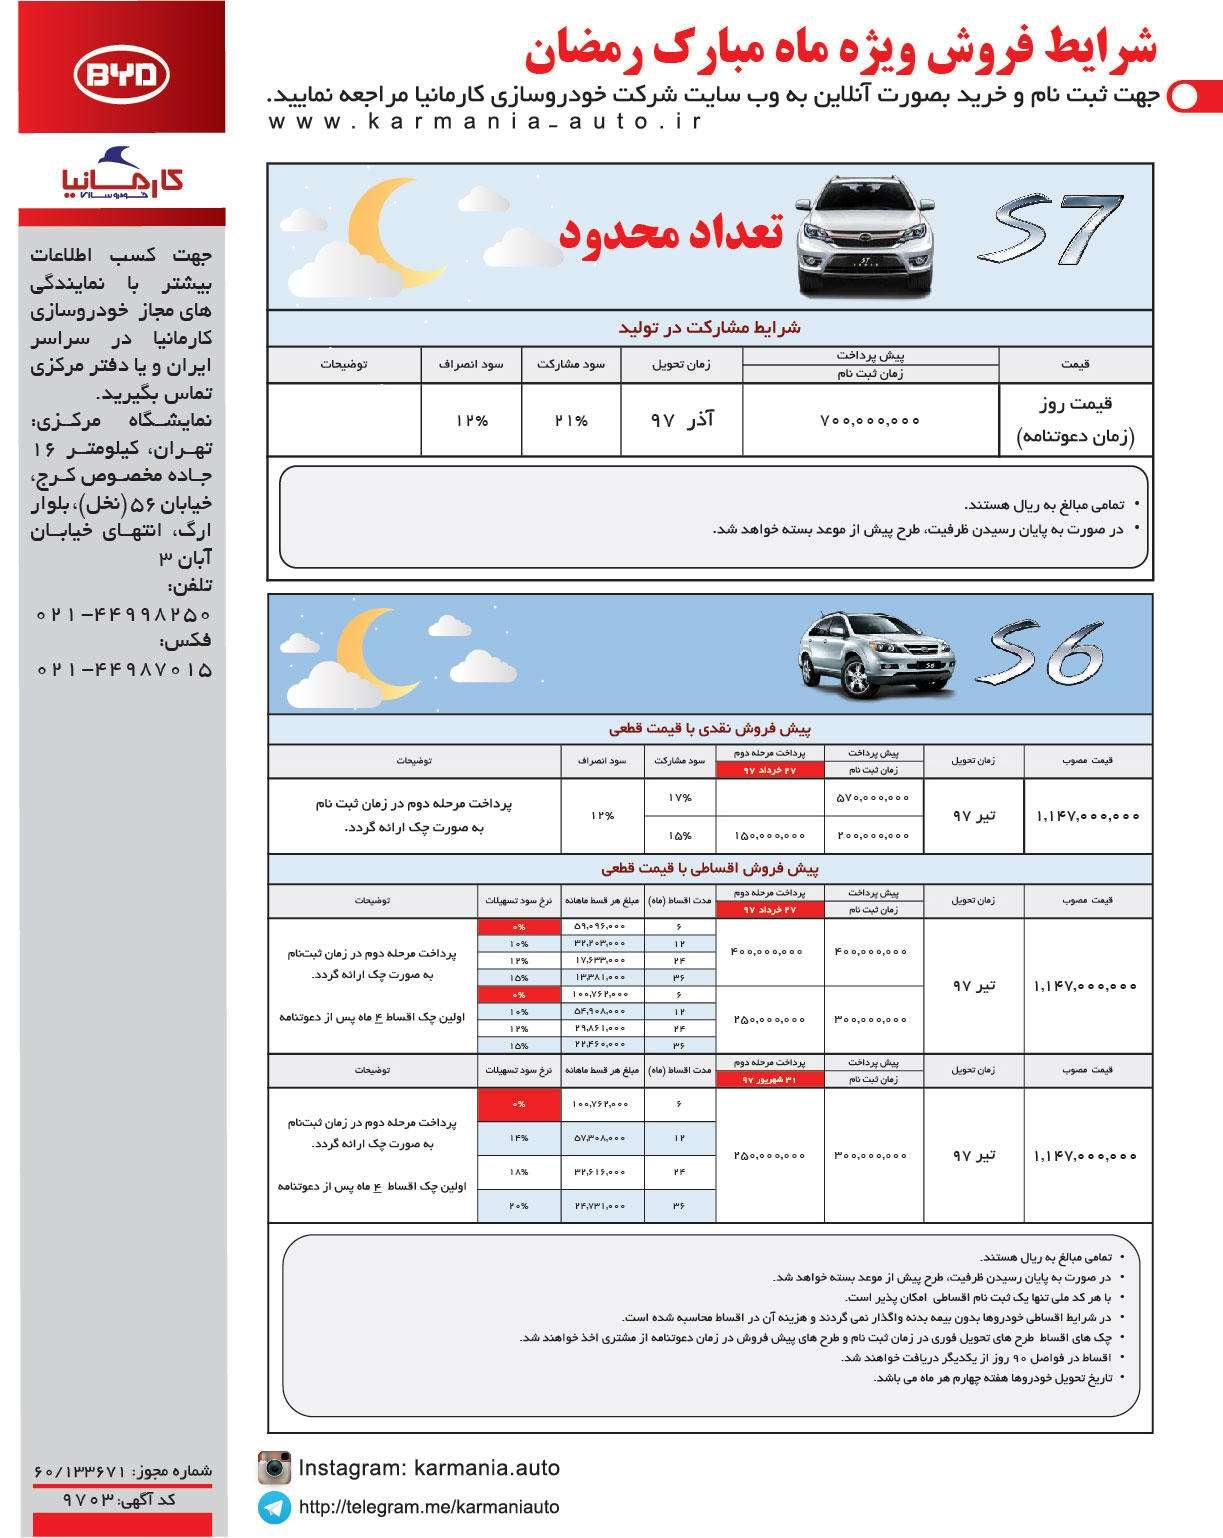 شرایط فروش کارمانیا (ویژه ماه رمضان)